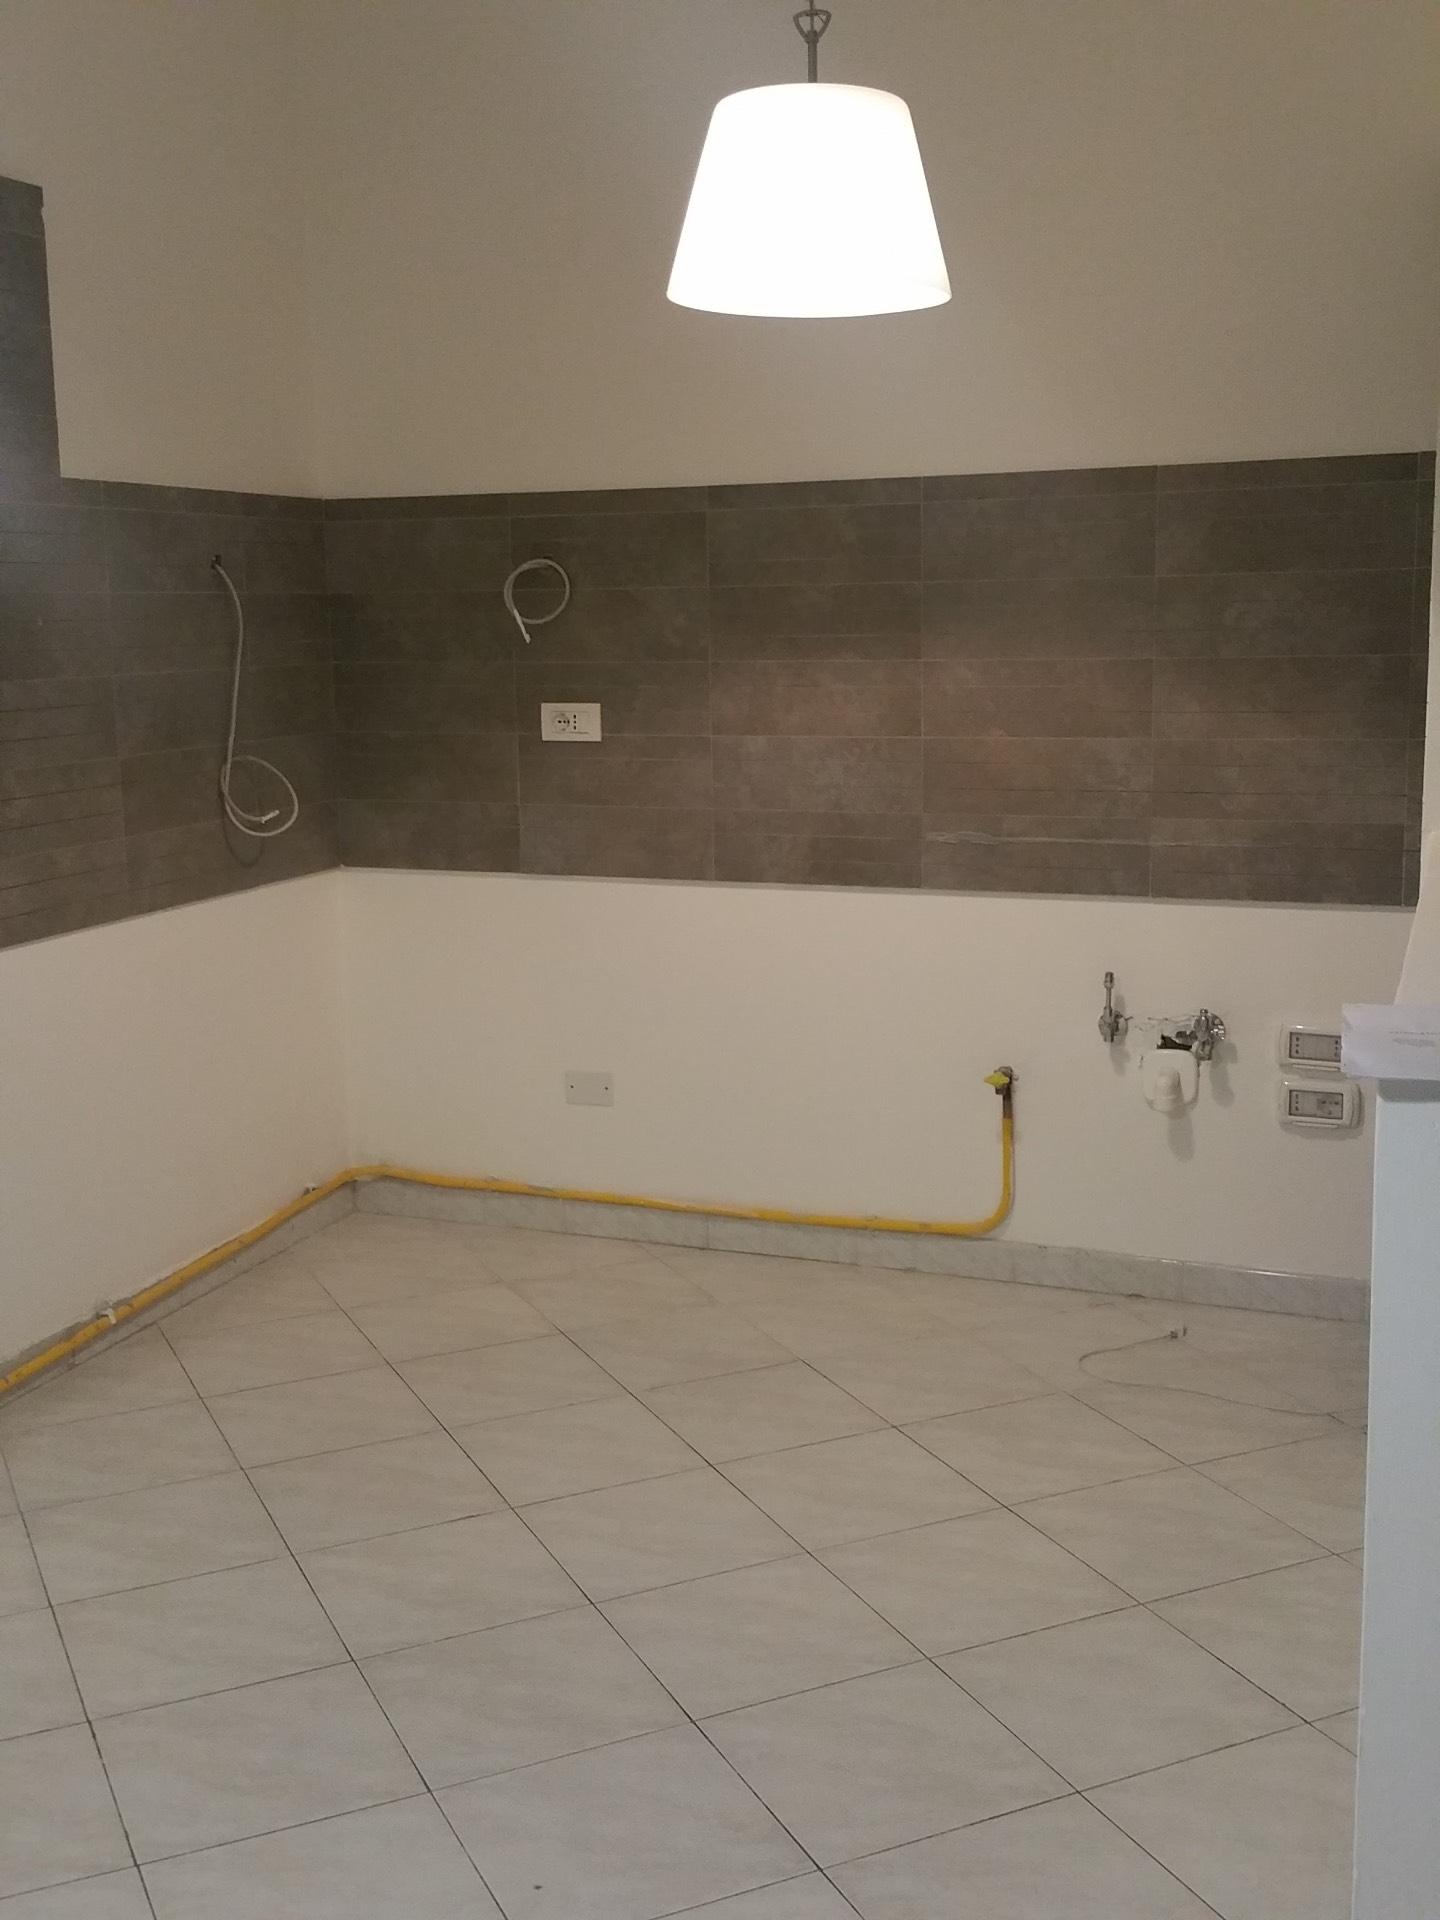 Appartamento in vendita a Mareno di Piave, 5 locali, zona Località: BoccadiStrada, prezzo € 110.000 | CambioCasa.it